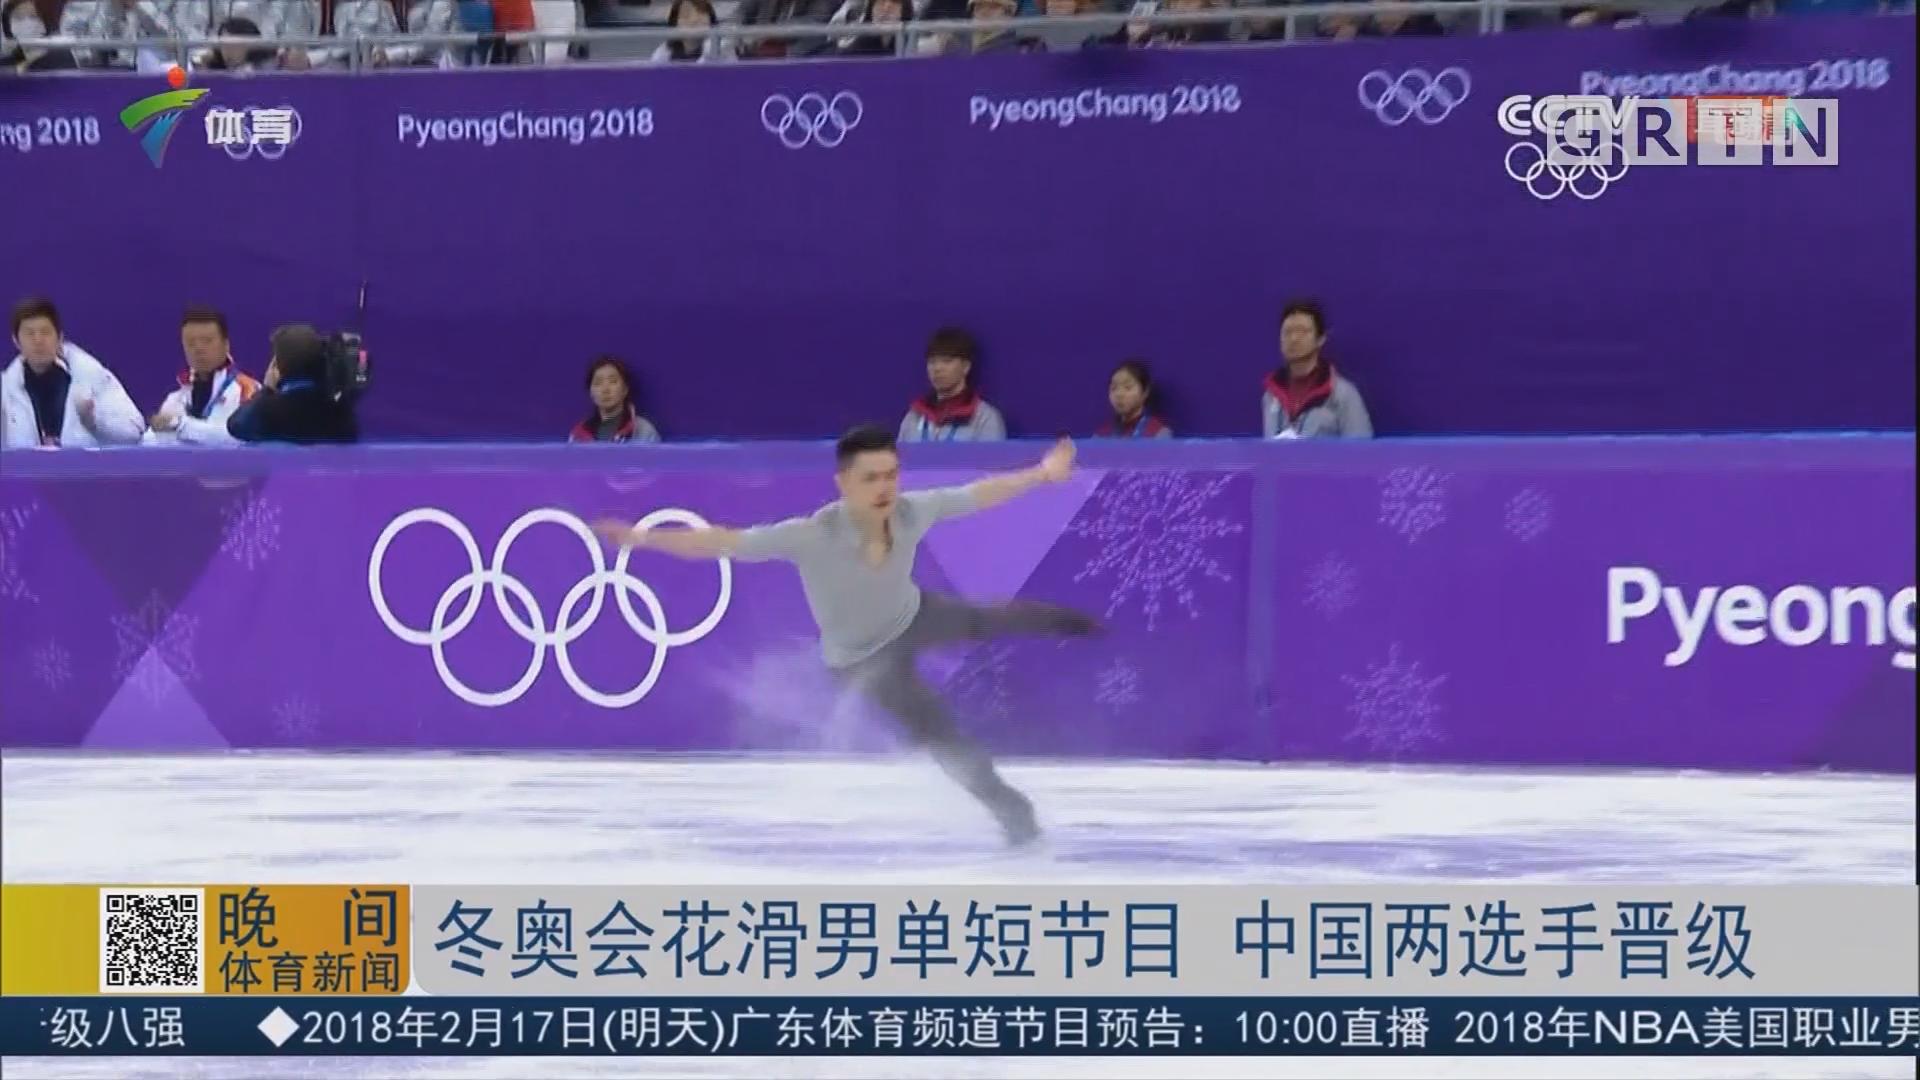 冬奥会花滑男单短节目 中国两选手晋级